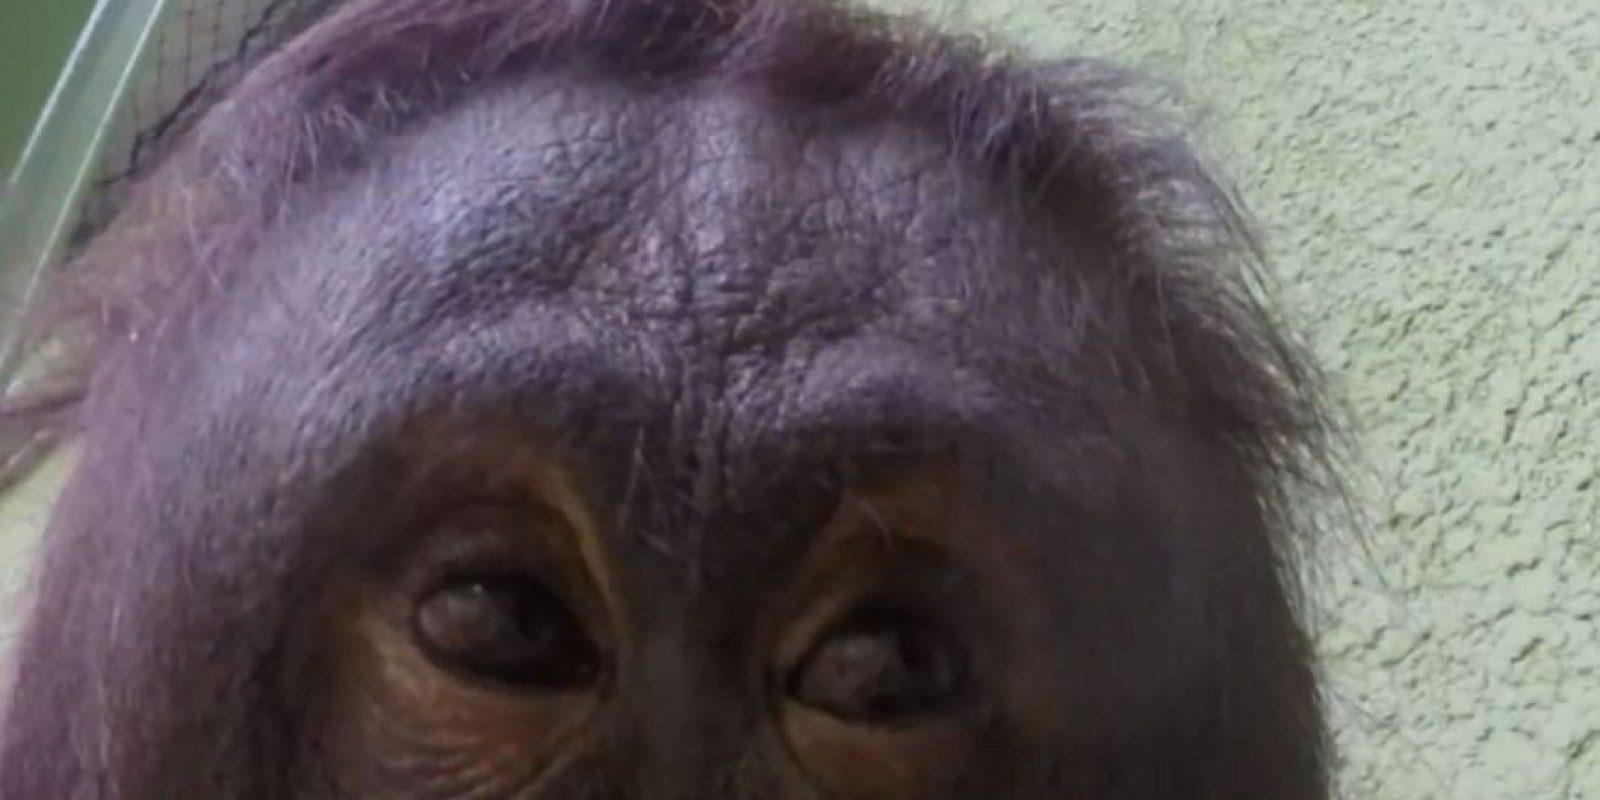 El orangután inspeccionó una cámara que le dieron y el resultado fue un gracioso video Foto:YouTube / Blackpool Zoo